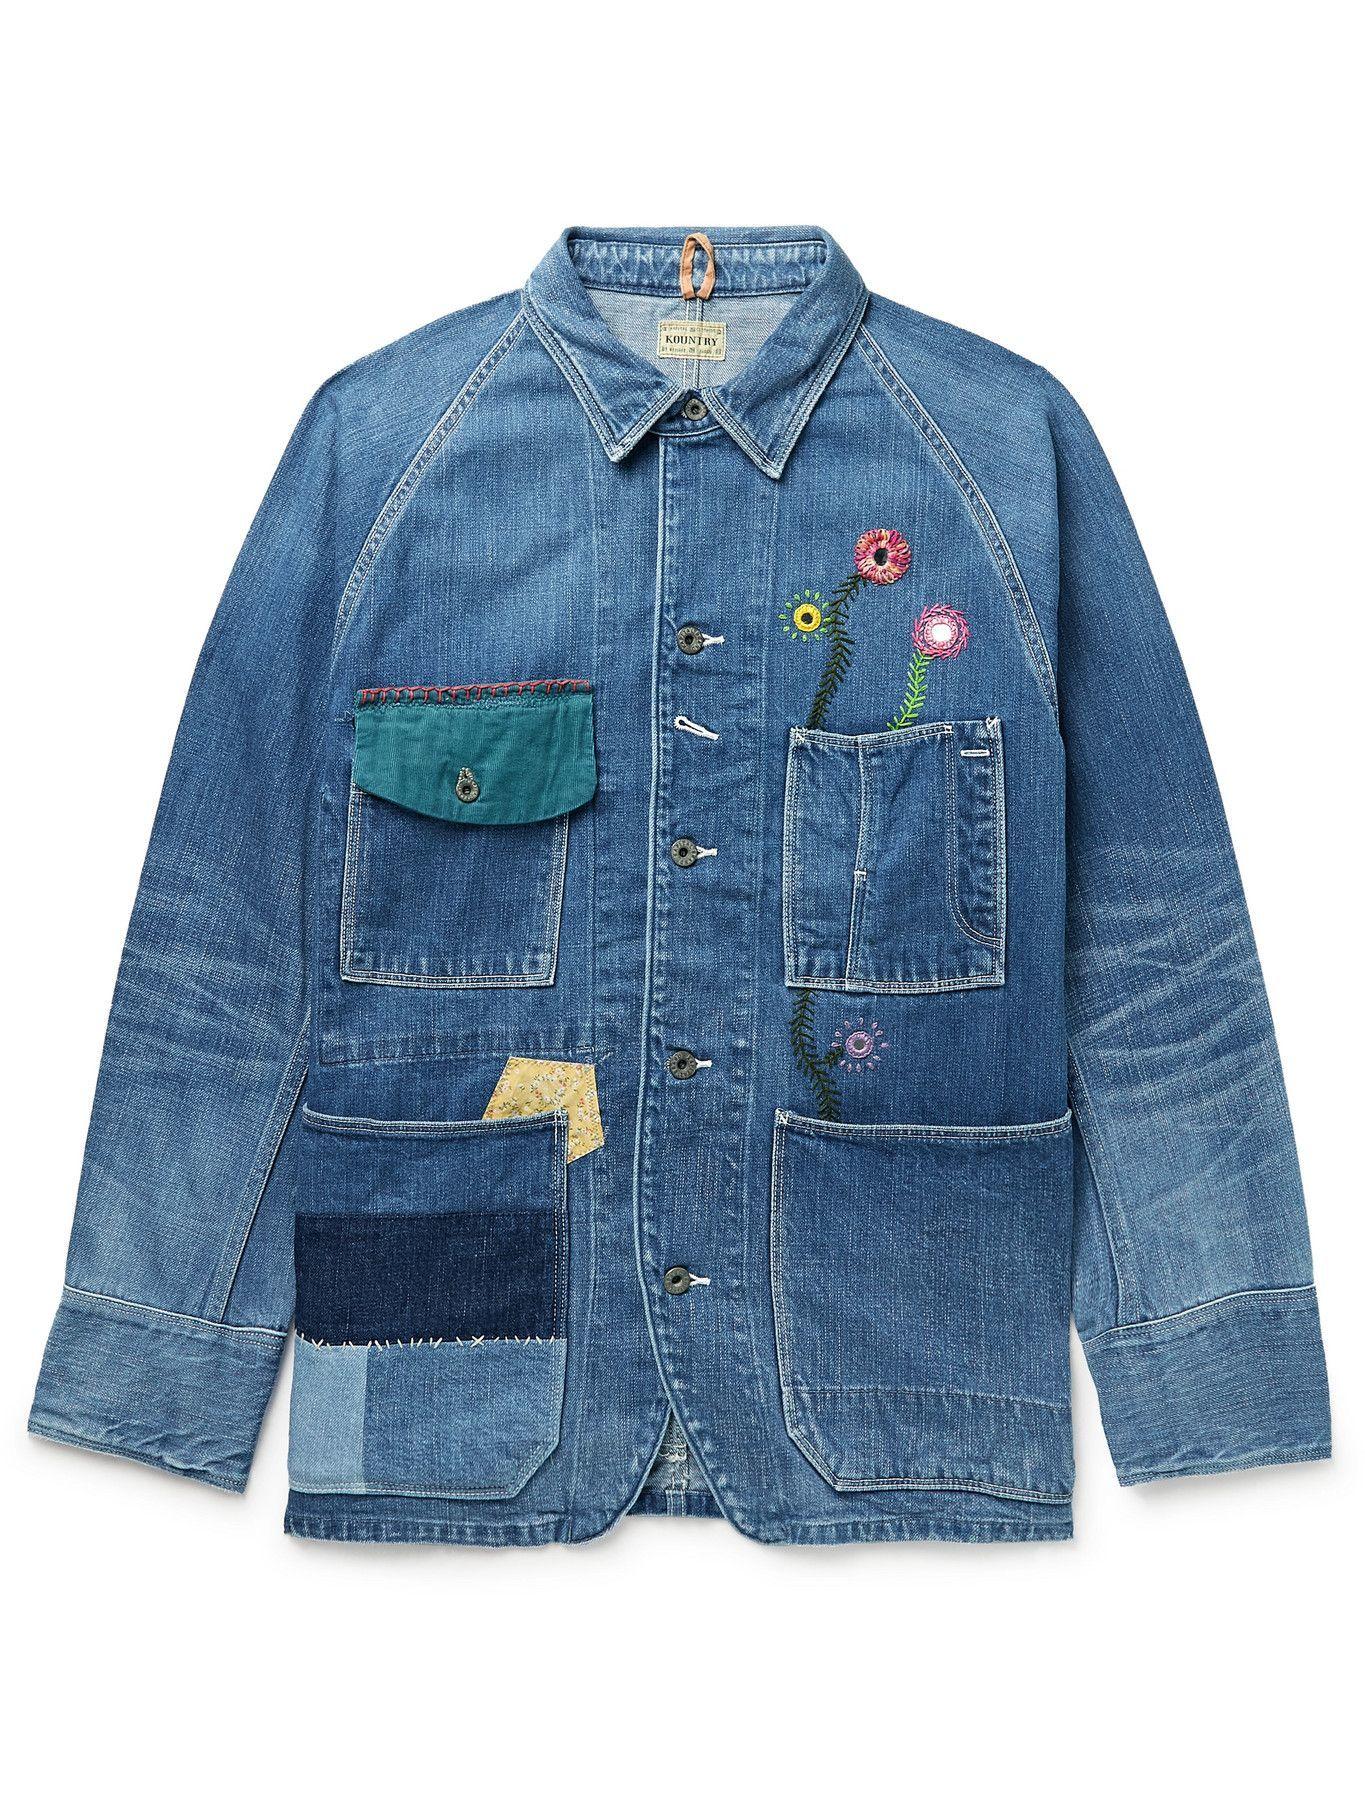 Photo: KAPITAL - Appliquéd Embellished Denim Jacket - Blue